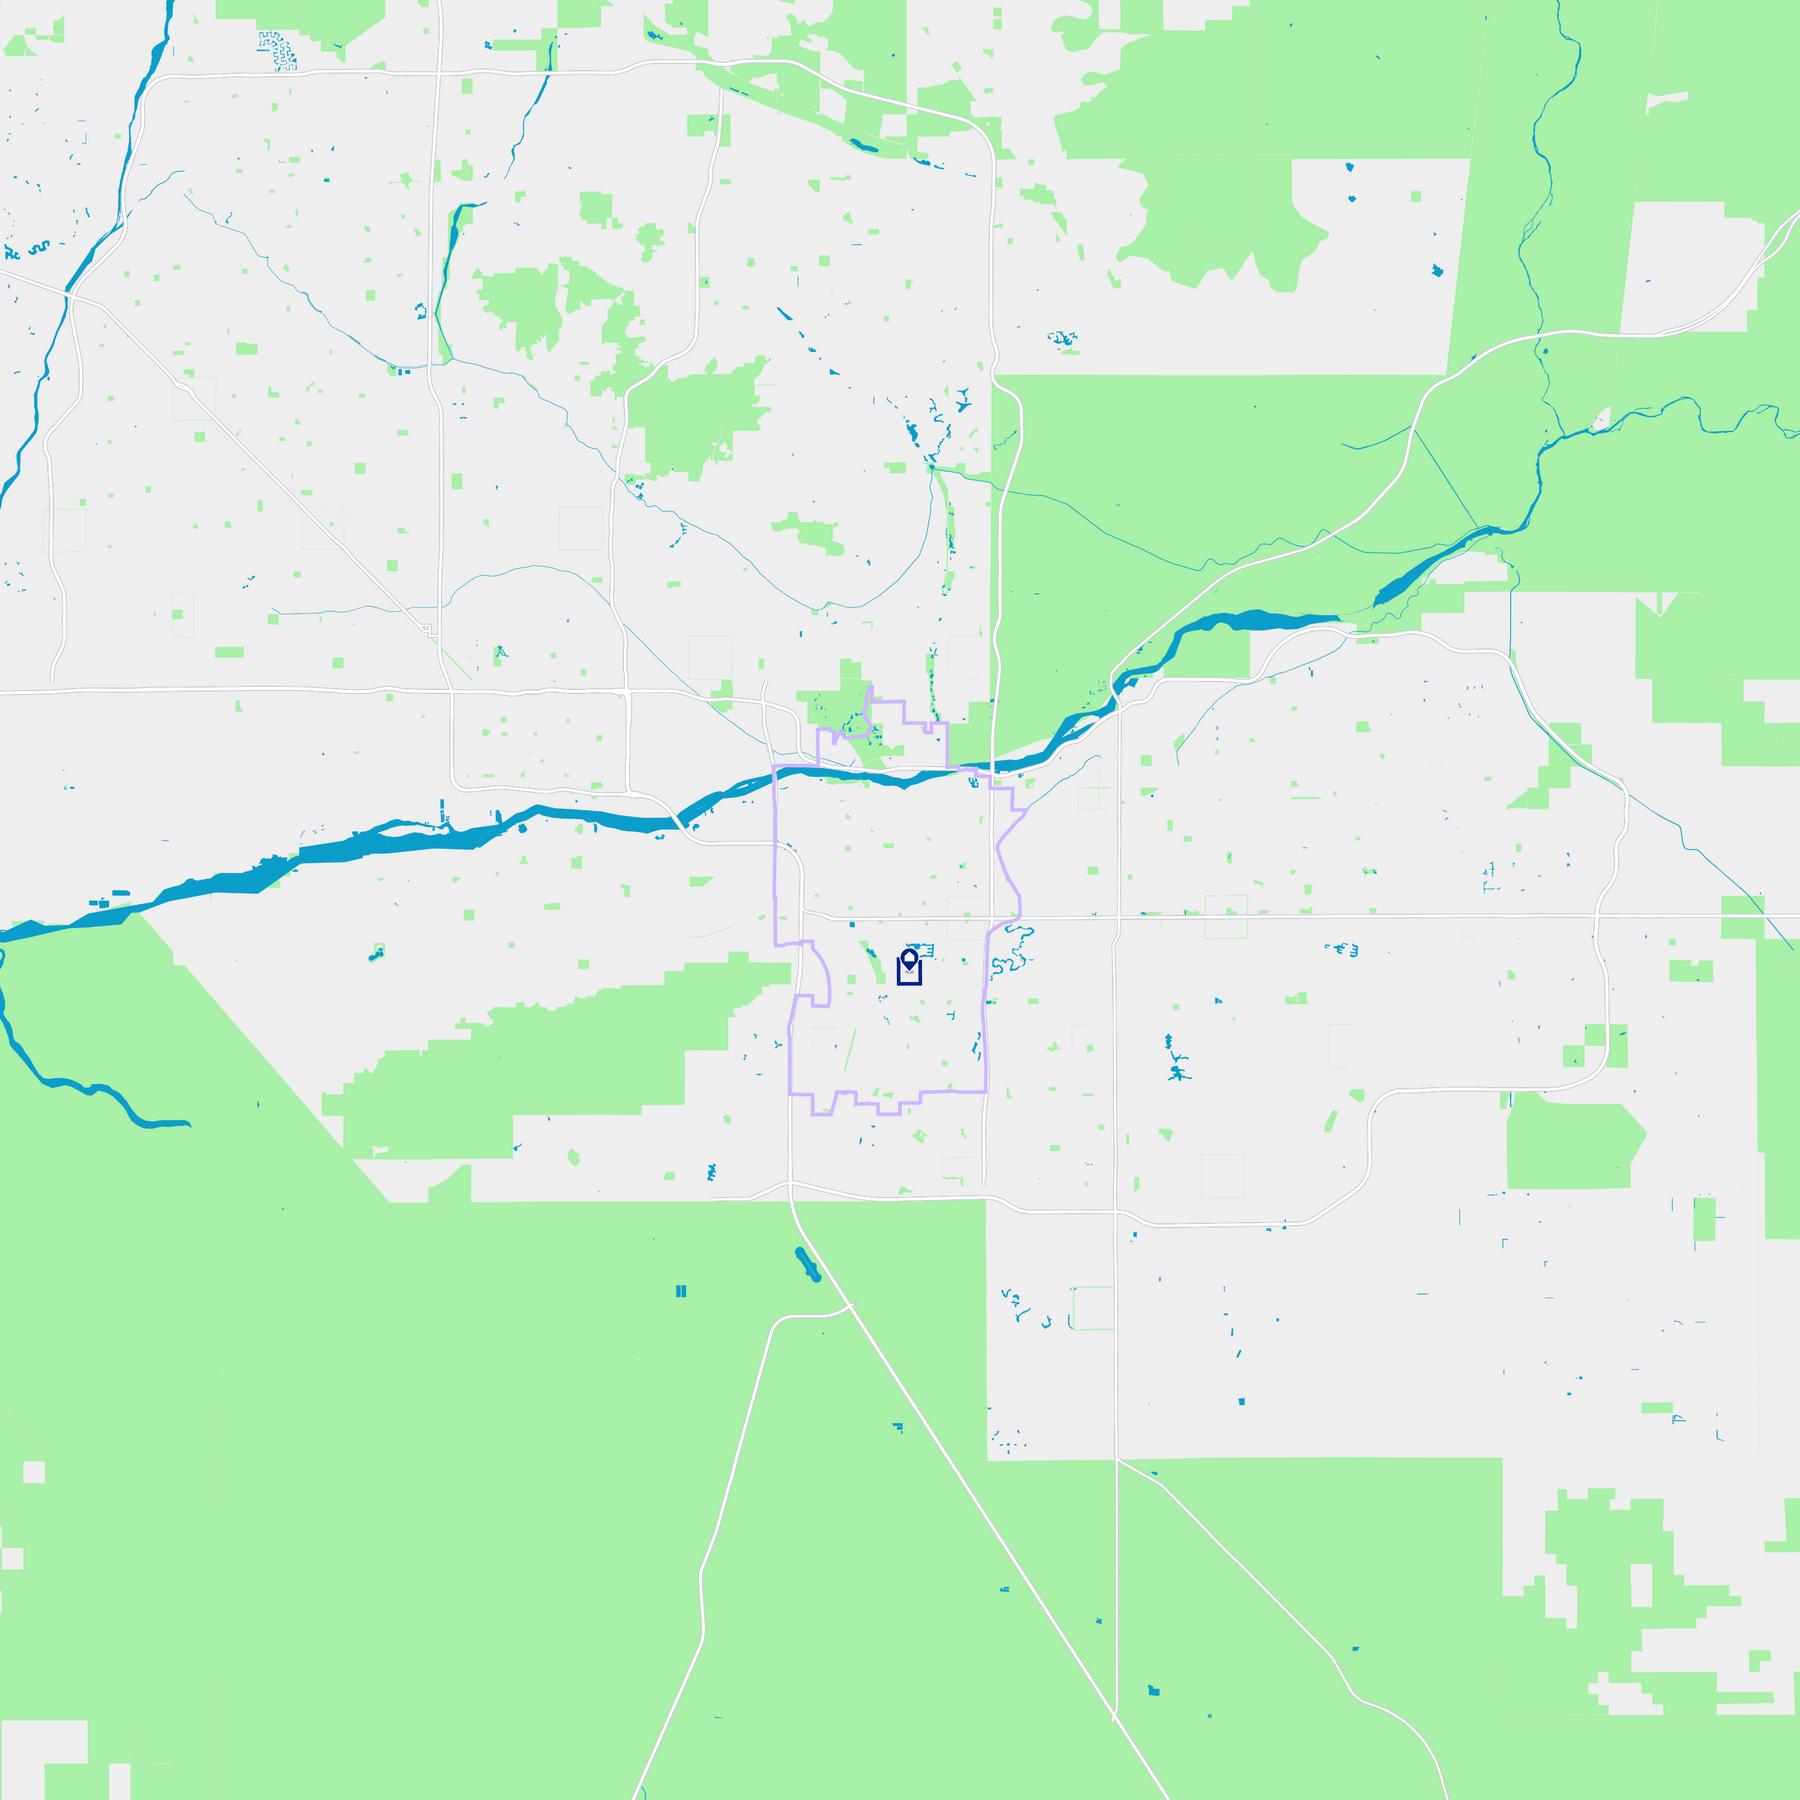 Scudder Park West, Tempe AZ - Neighborhood Guide